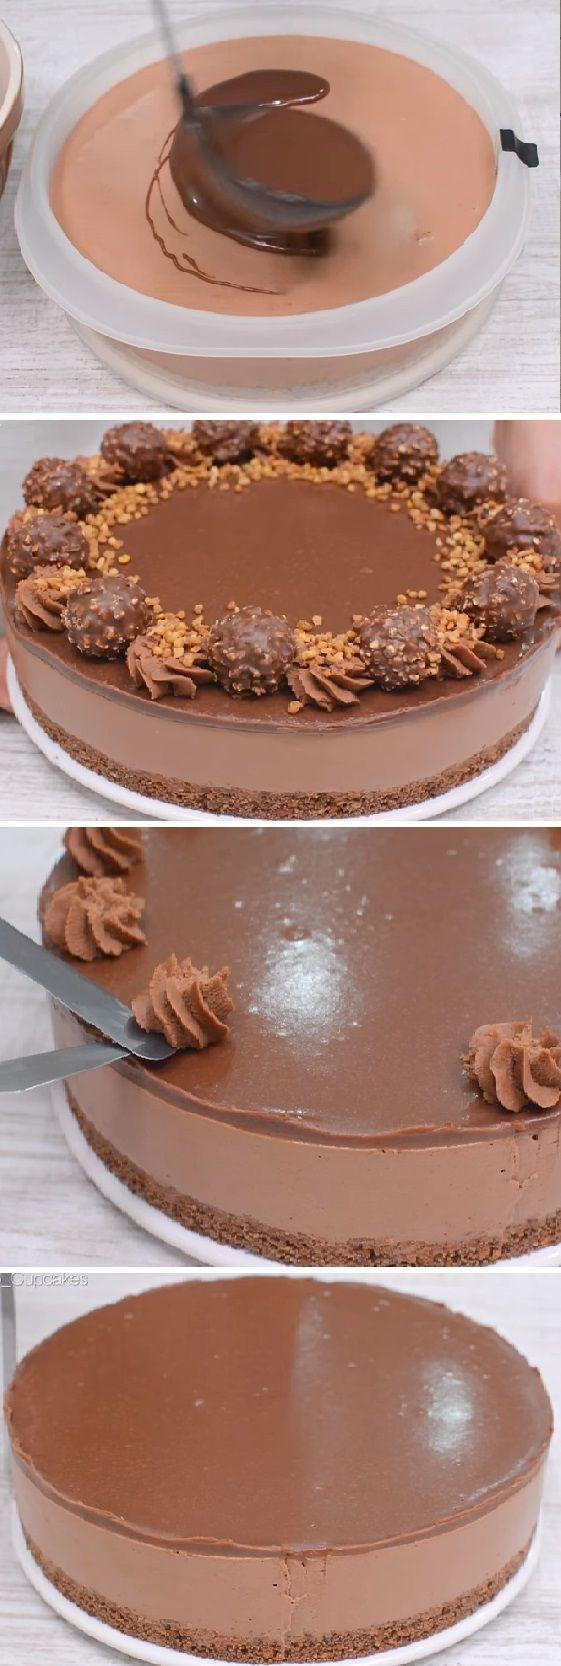 Tarta de Ferrero Rocher y Nutella. Lo que me encanta de esta tarta es que aparte de estar deliciosa, no necesitamos horno para hacerla. #tartaferrero #ferrero #rocher #nutella #ferrerorocher #tortaferrero #tortachocolate #sinhorno #cheesecake #postres #cakes #pan #panfrances #panettone #panes #pantone #pan #recetas #recipe #casero #torta #tartas #pastel #nestlecocina #bizcocho #bizcochuelo #tasty #cocina #chocolate Si te gusta dinos HOLA y dale a Me Gusta MIREN...